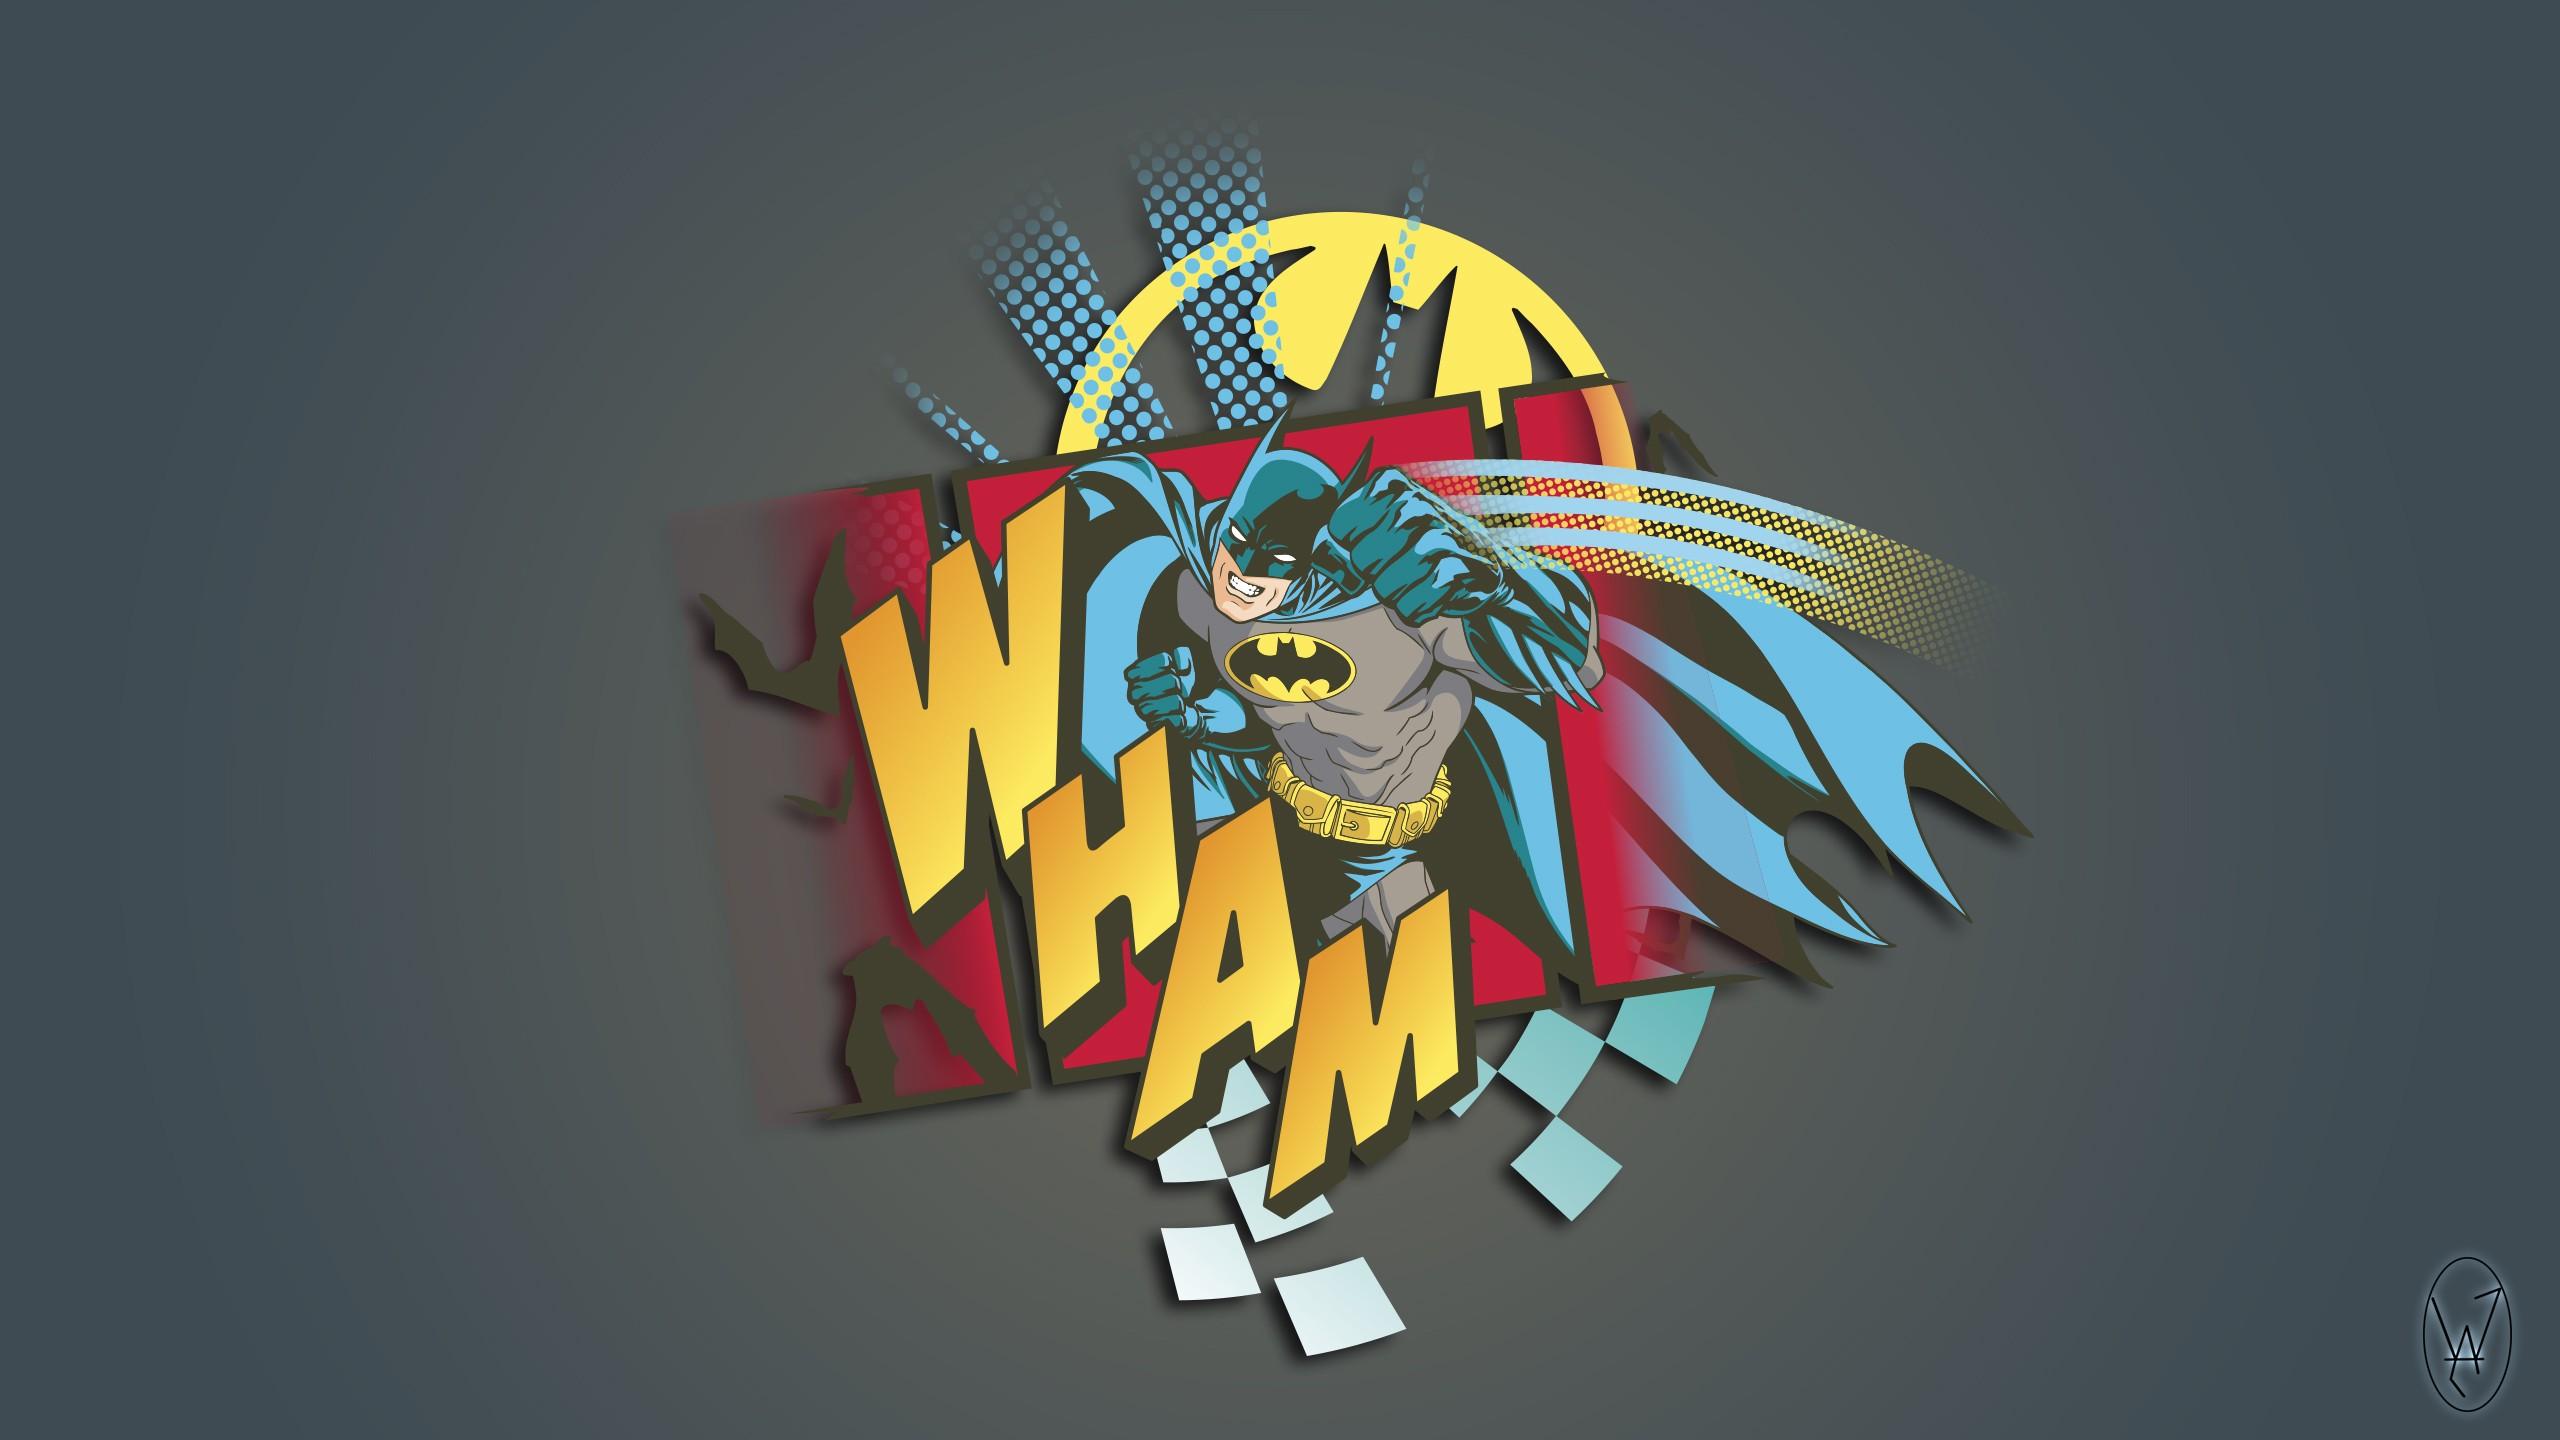 wallpaper : 2560x1440 px, batman, comics, logo, sketches 2560x1440